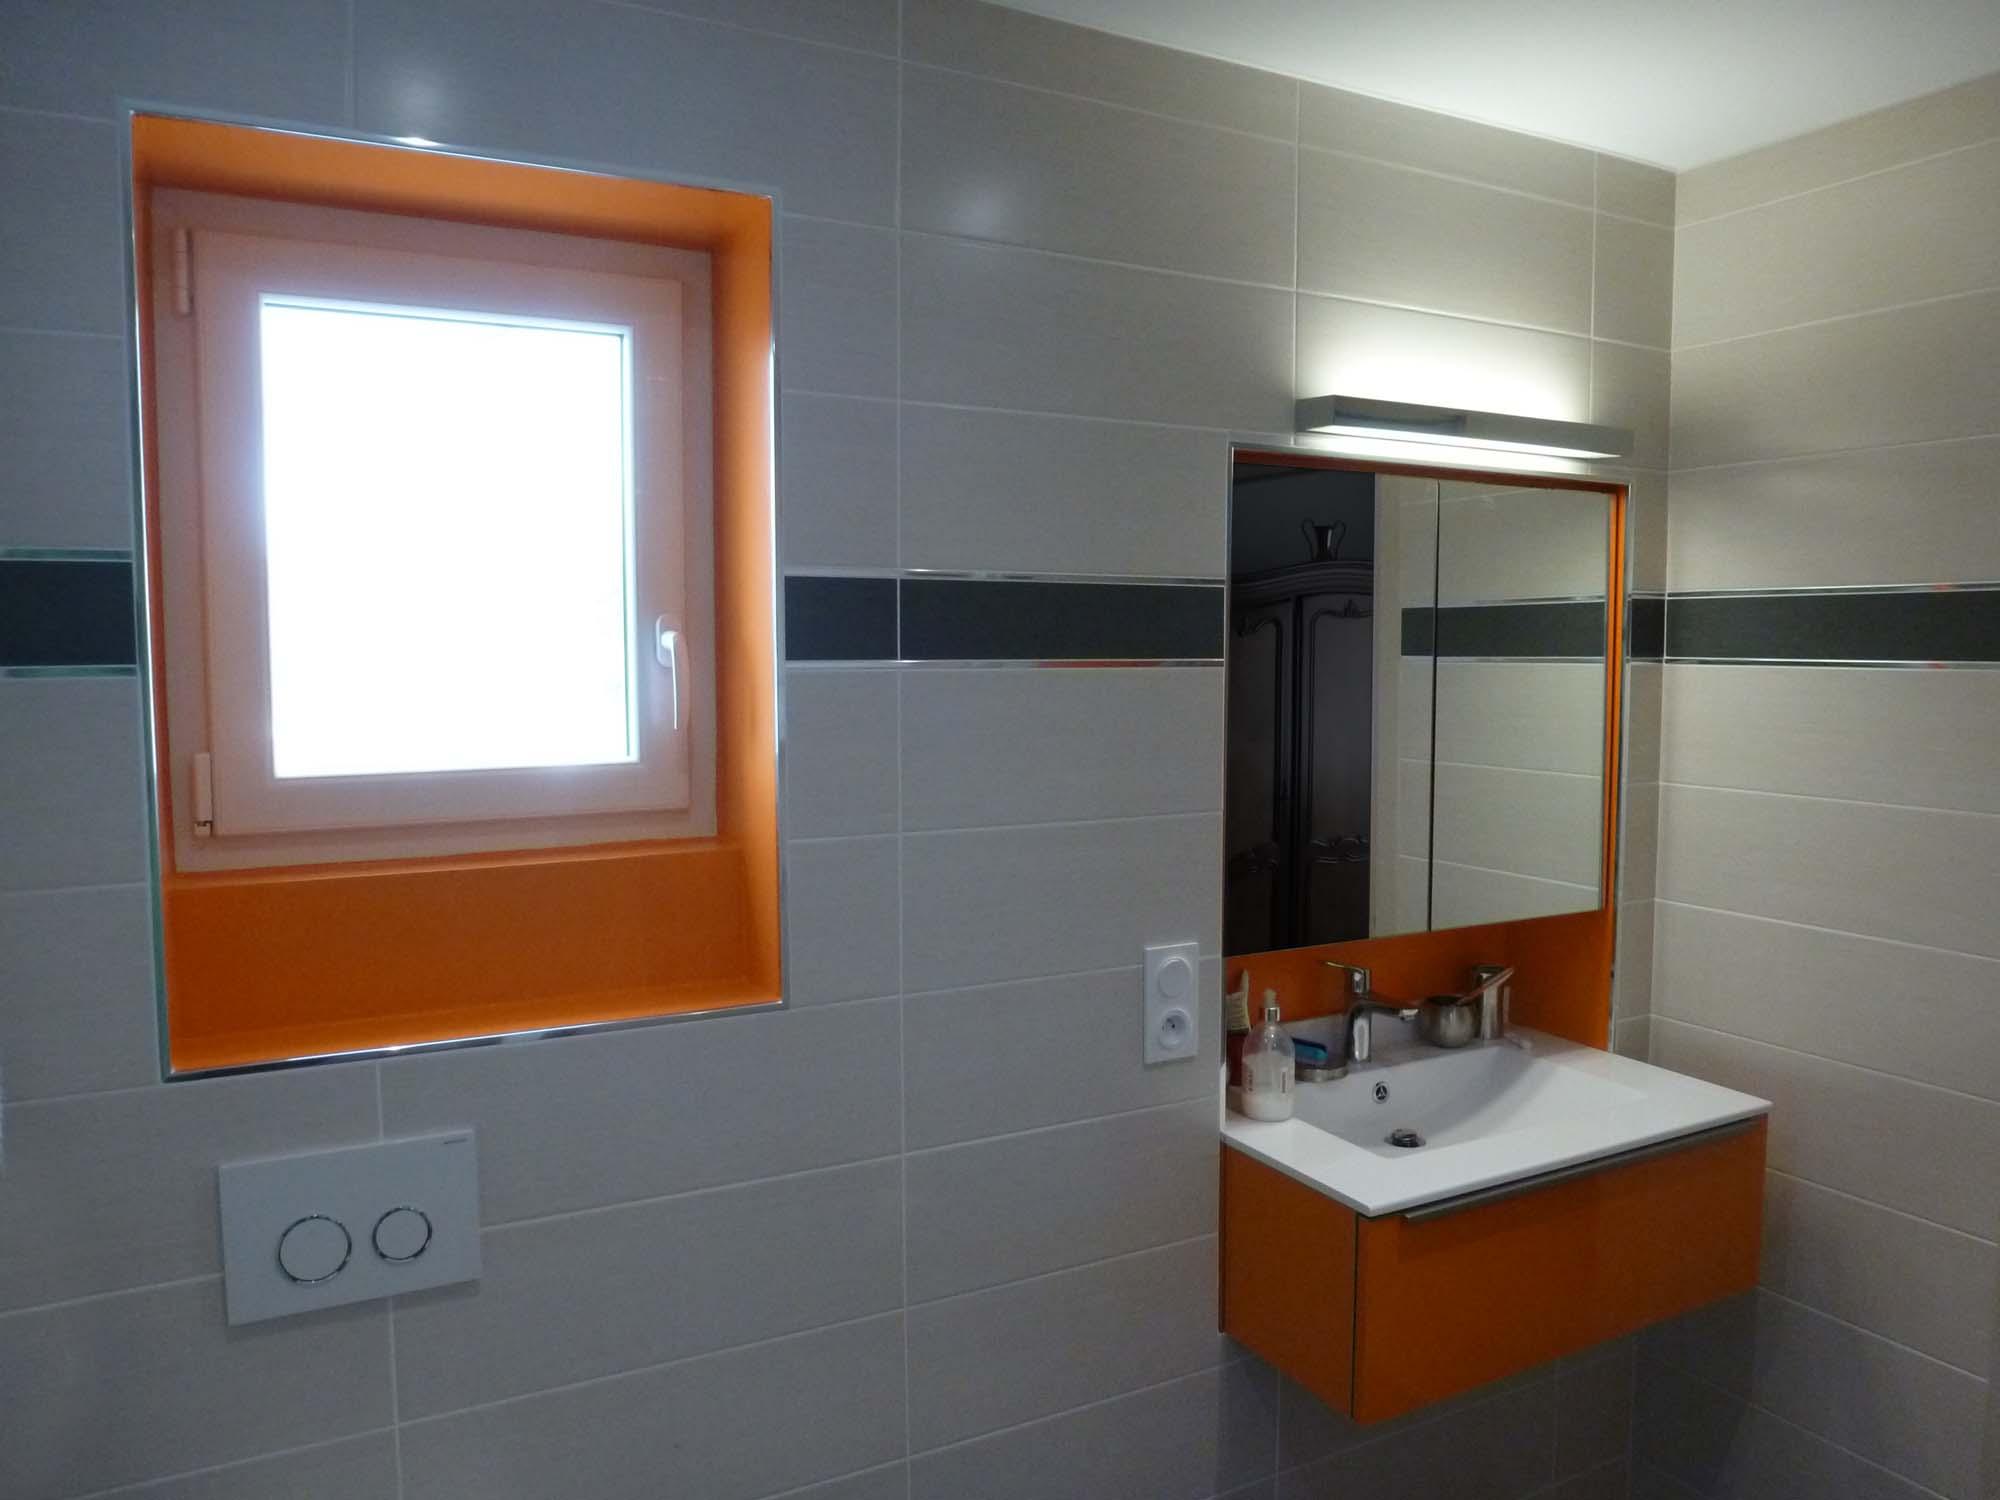 salle d 39 eau muzillac1 couedel design herve couedel architecte d 39 interieur muzillac et sarzeau. Black Bedroom Furniture Sets. Home Design Ideas